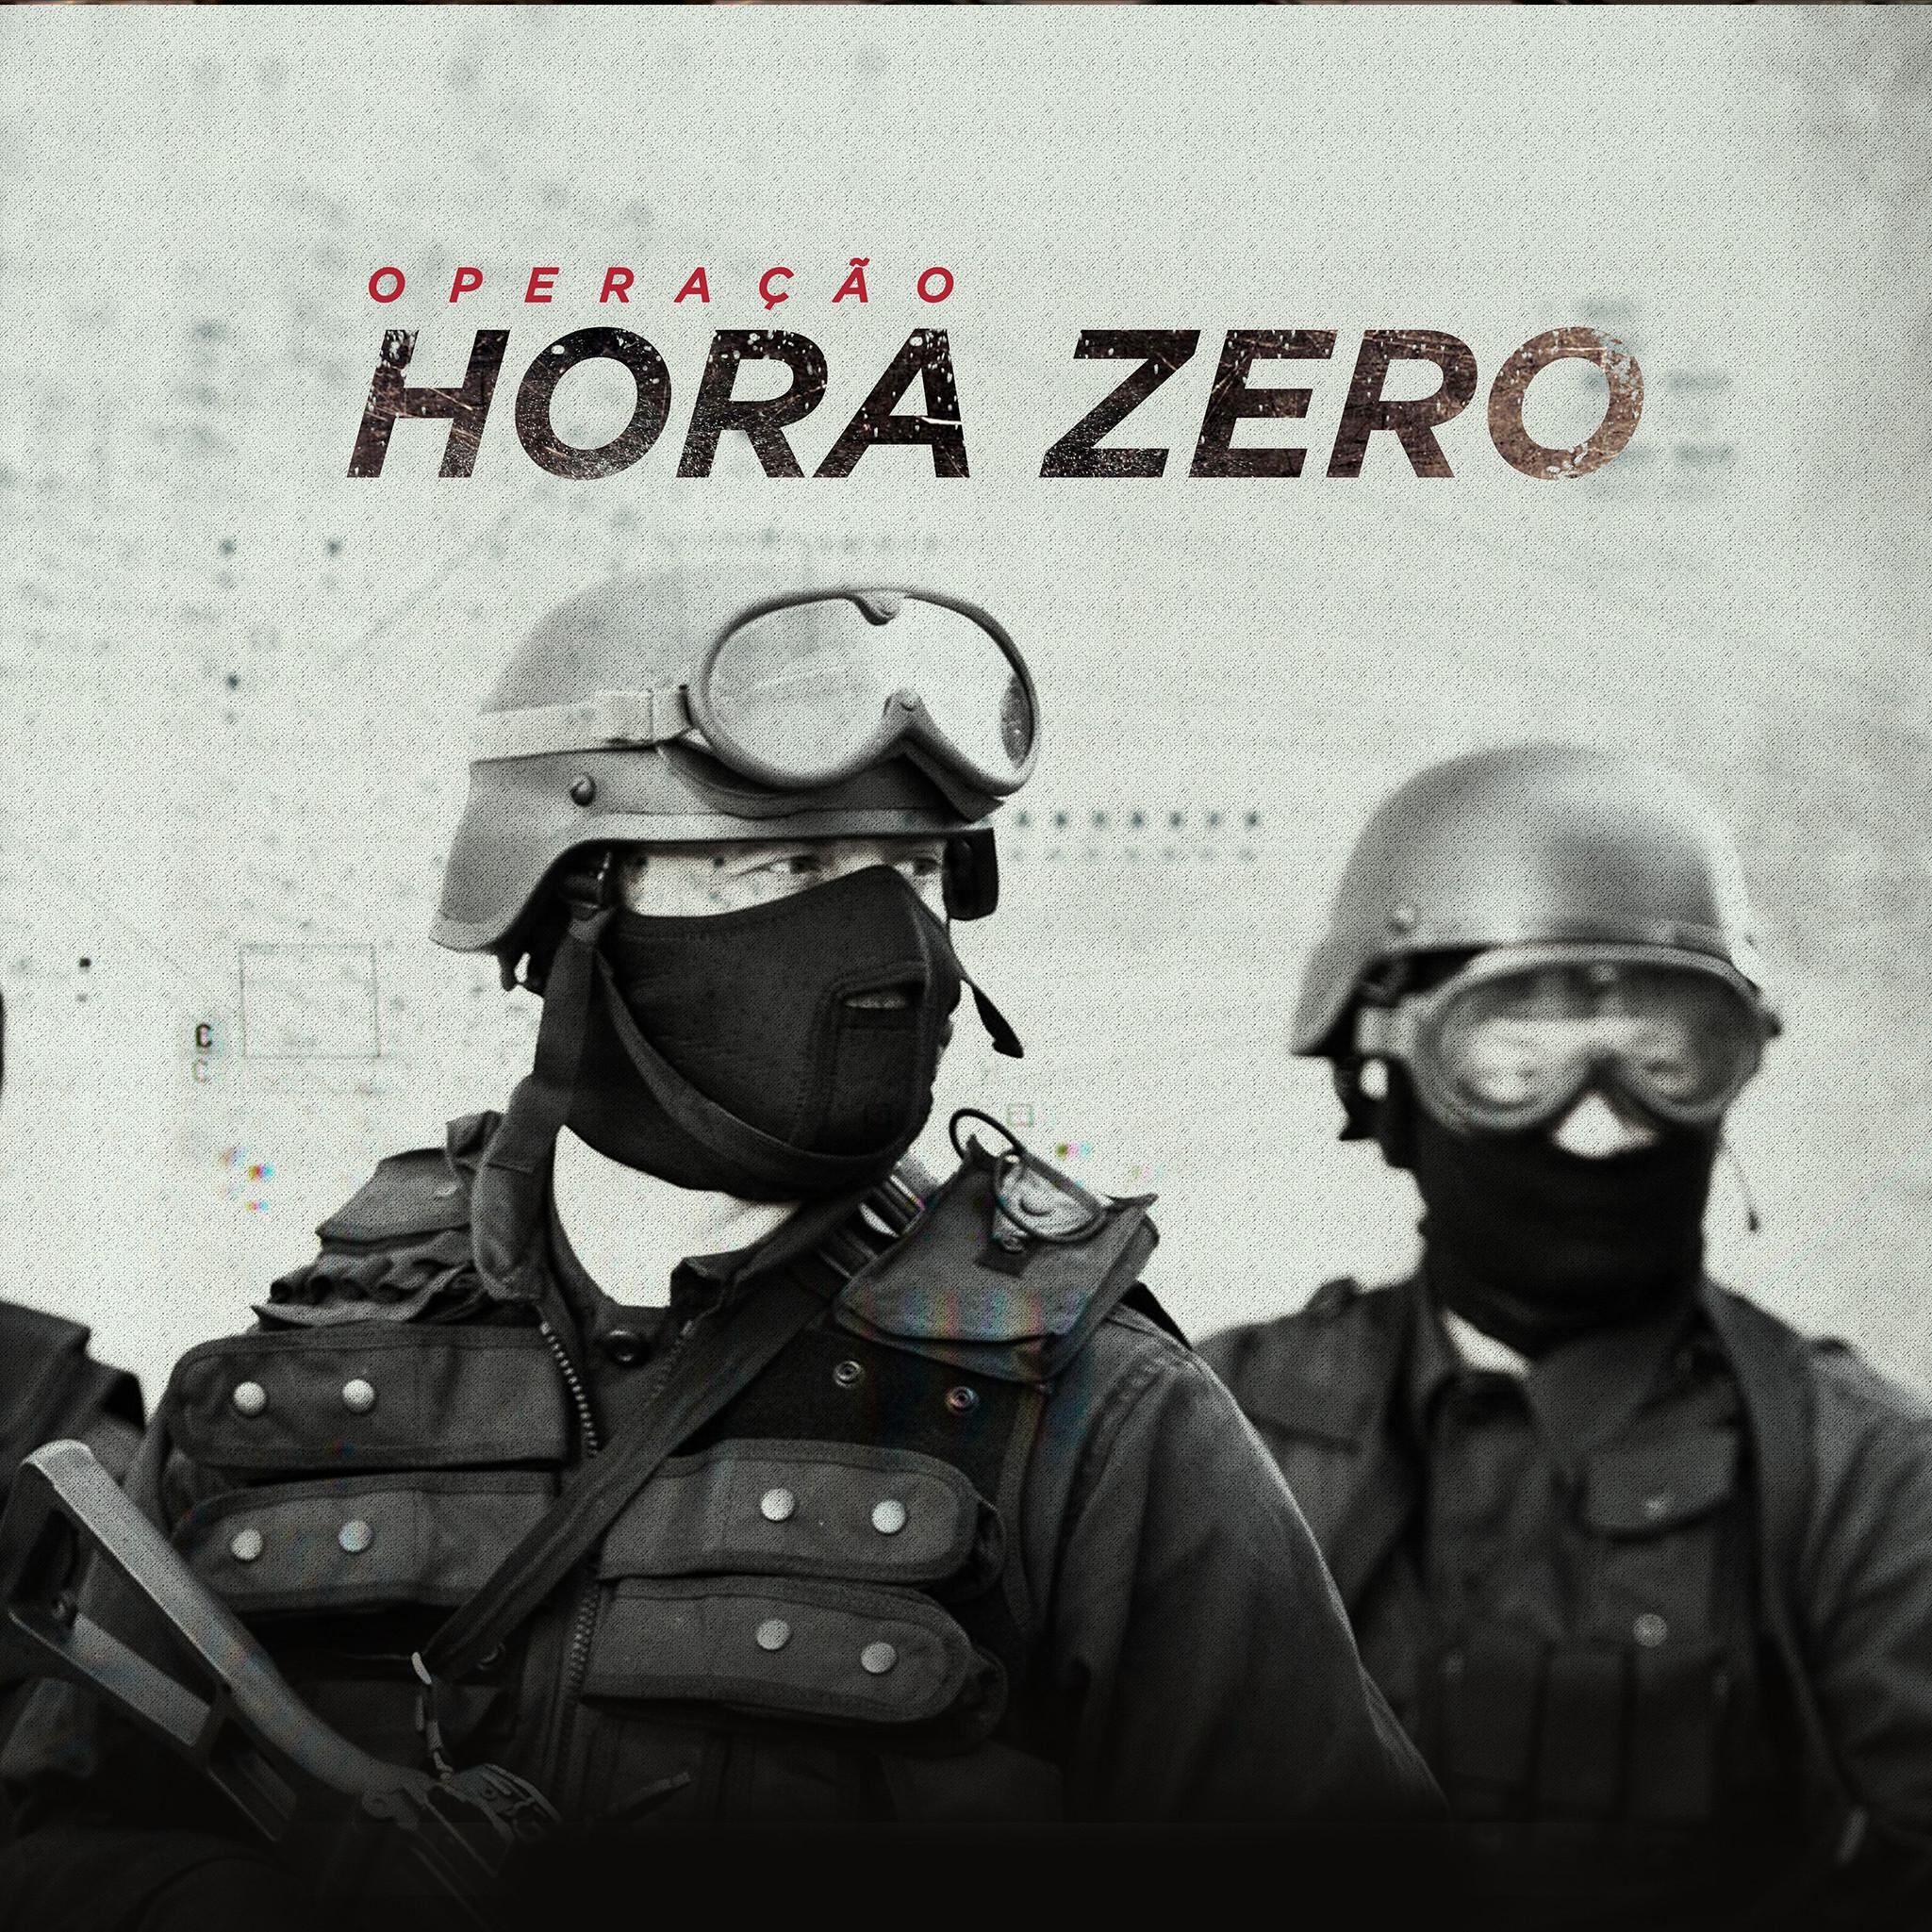 Operação Hora Zero